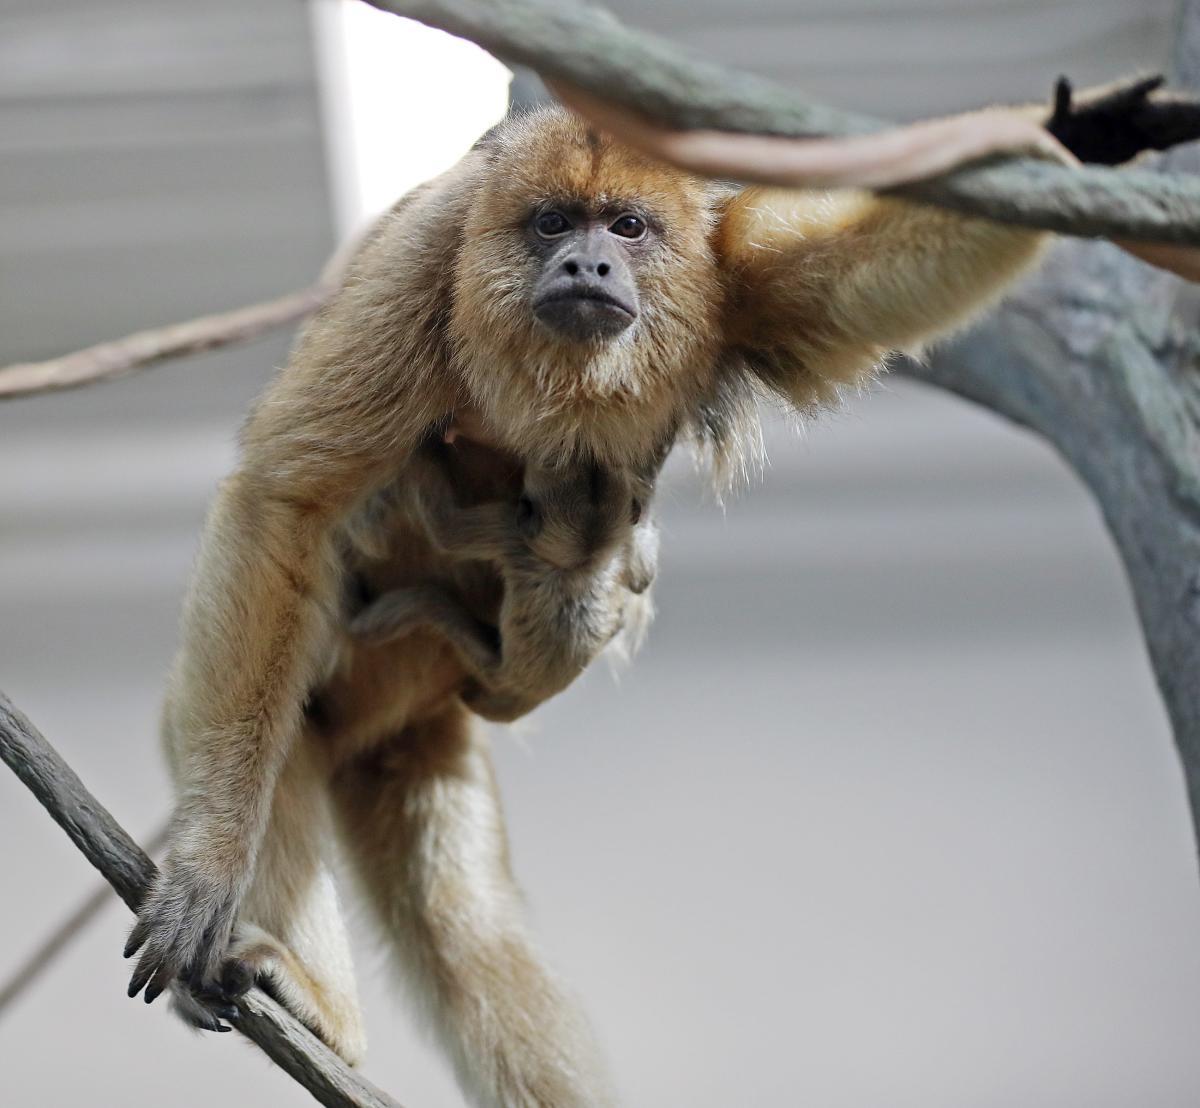 RWP Zoo Howler